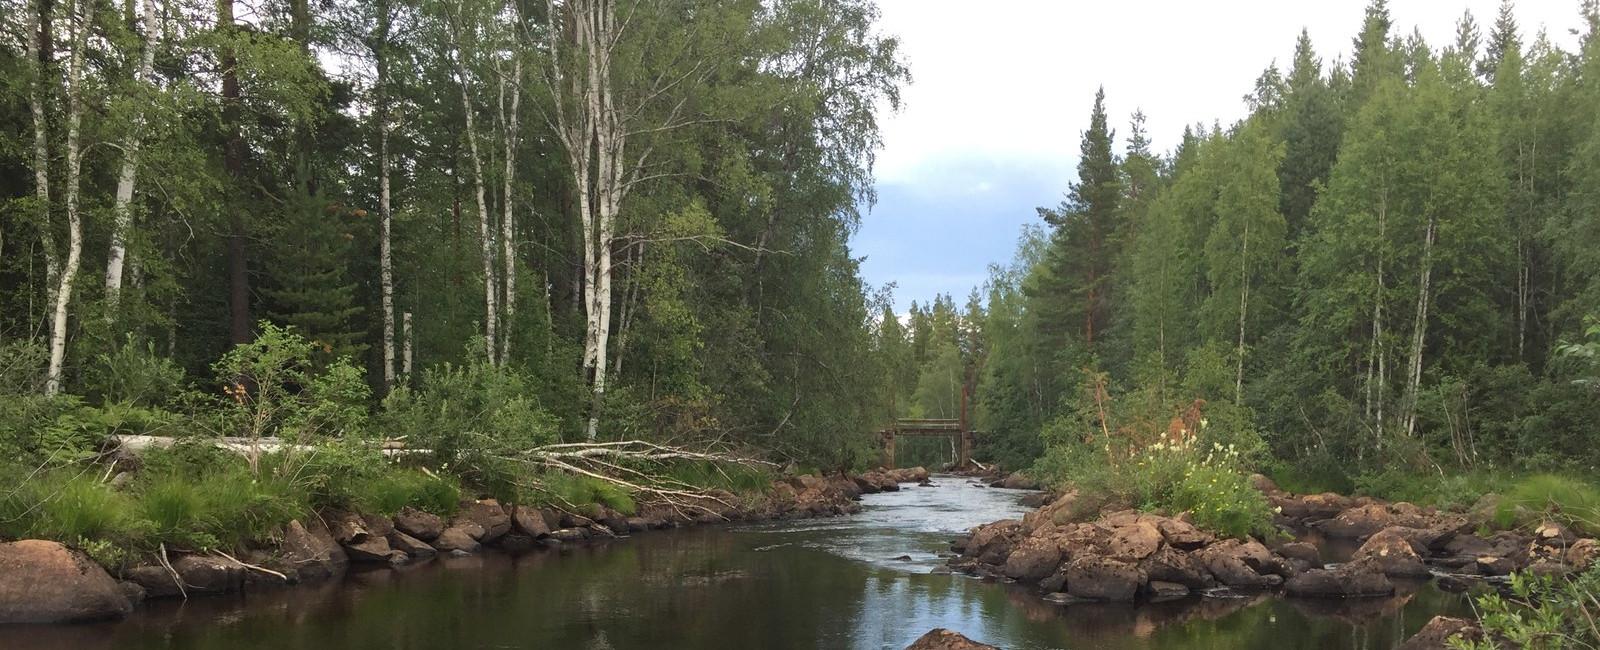 Bilder aus Schweden 3